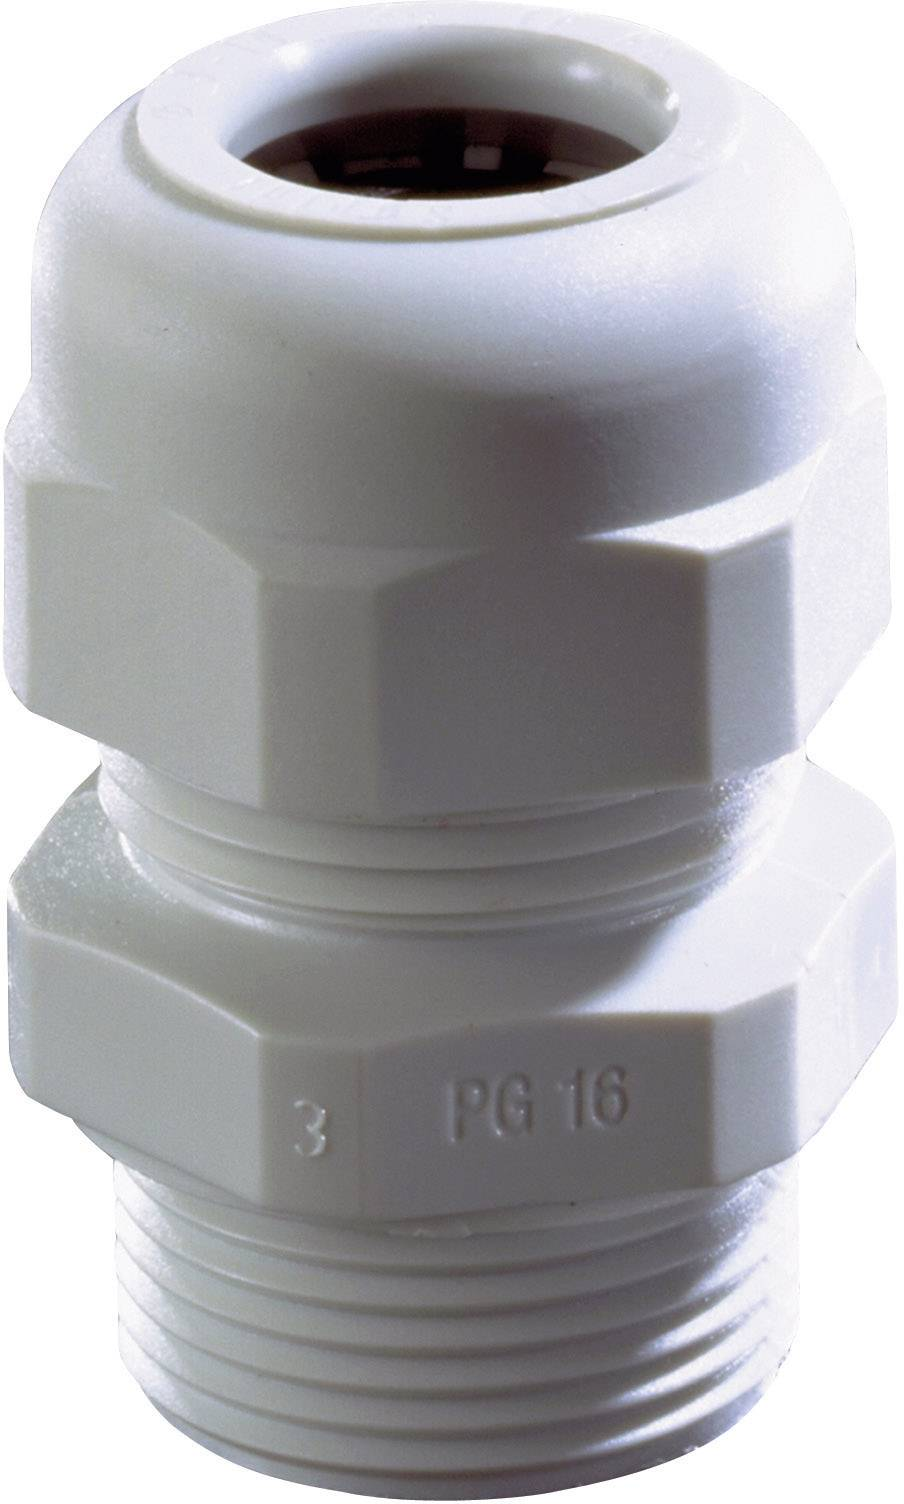 Káblová priechodka Wiska SKV PG36 RAL 9005, polyamid, čierna, 1 ks